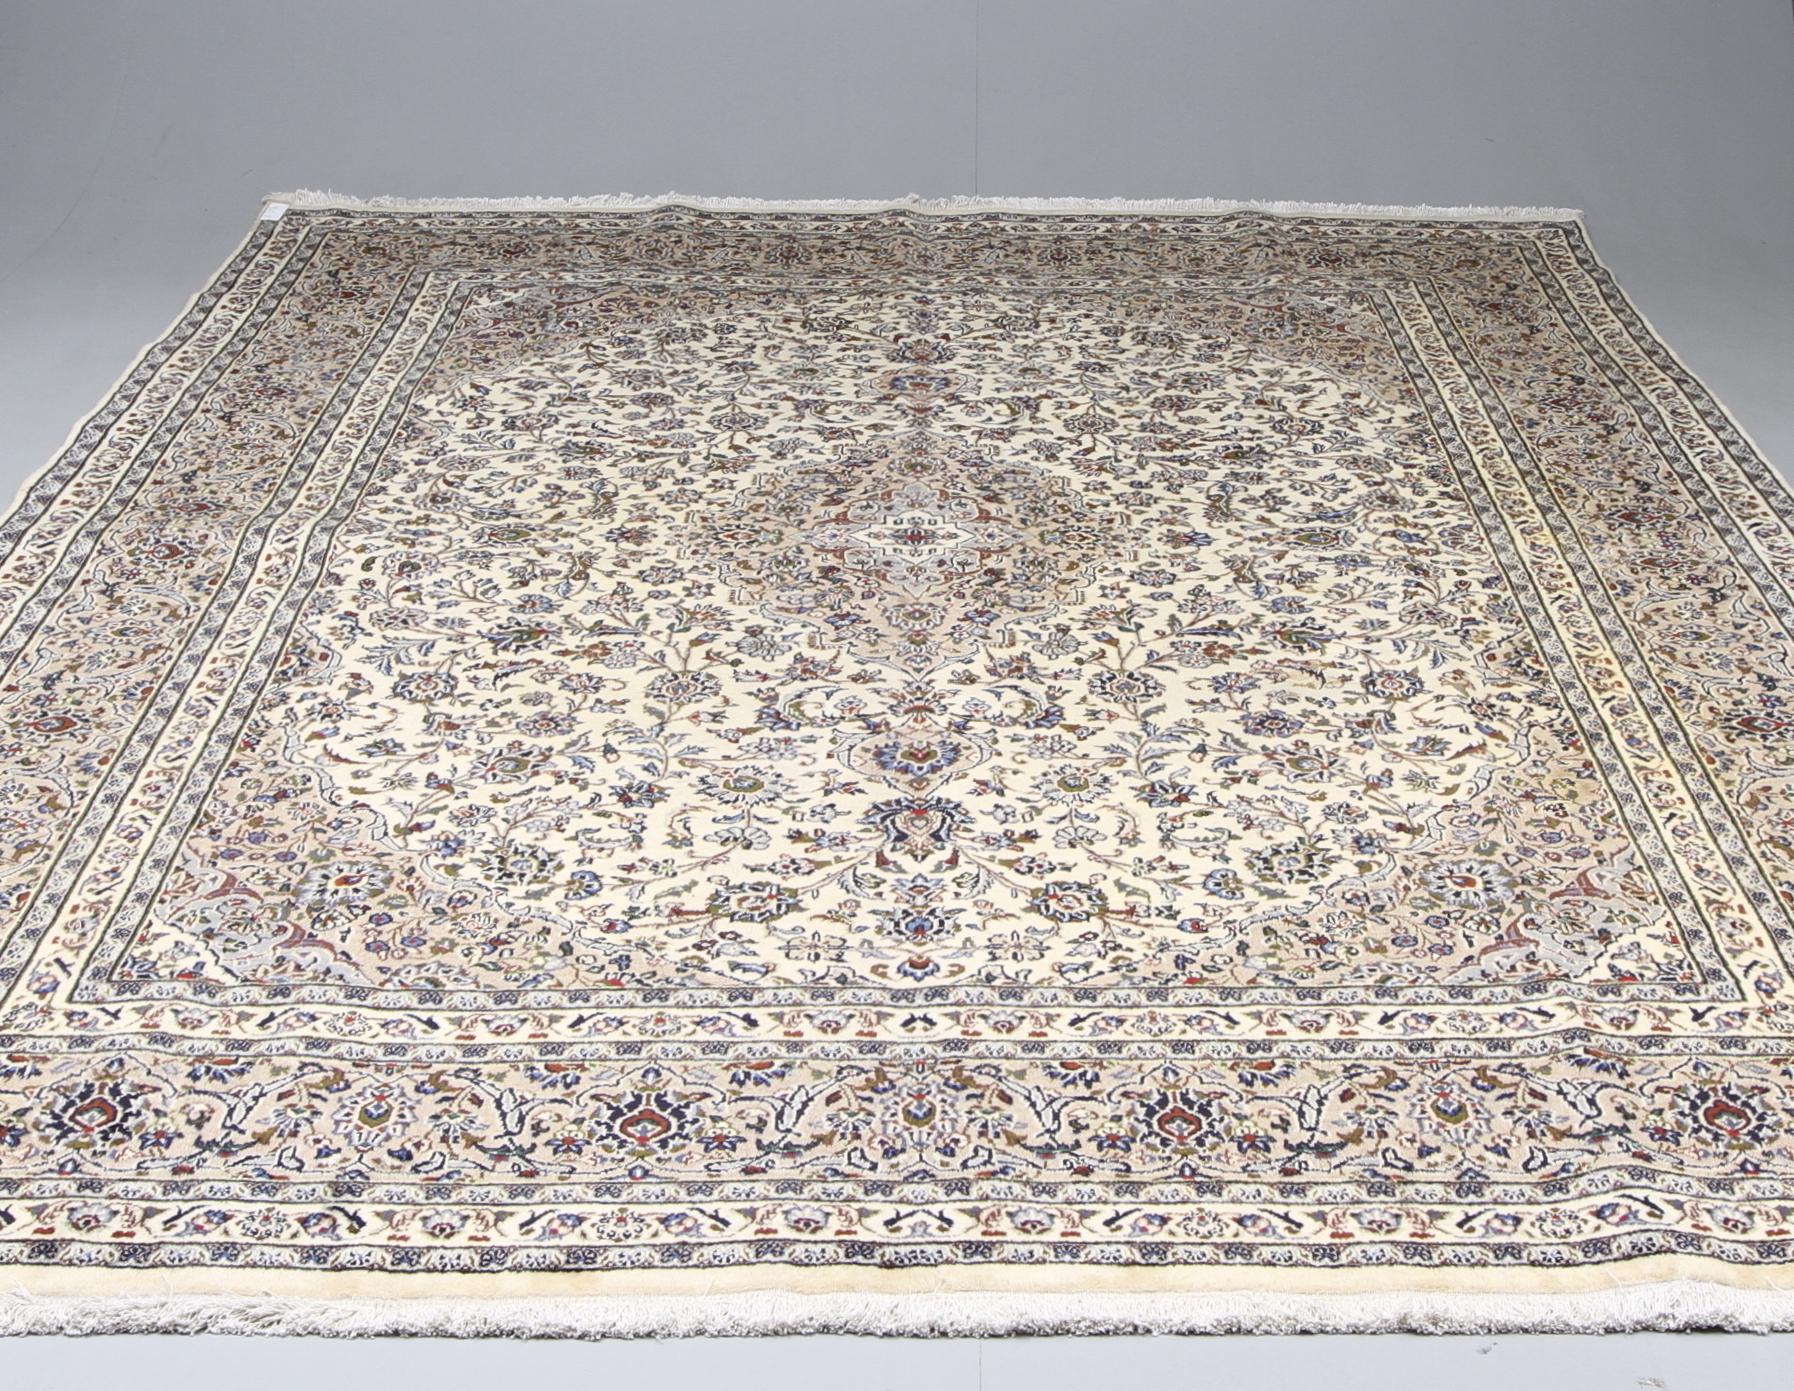 Kända MATTA, Orientalisk, ljus Keshan, 384 x 295 cm. Mattor & Textil ZH-68